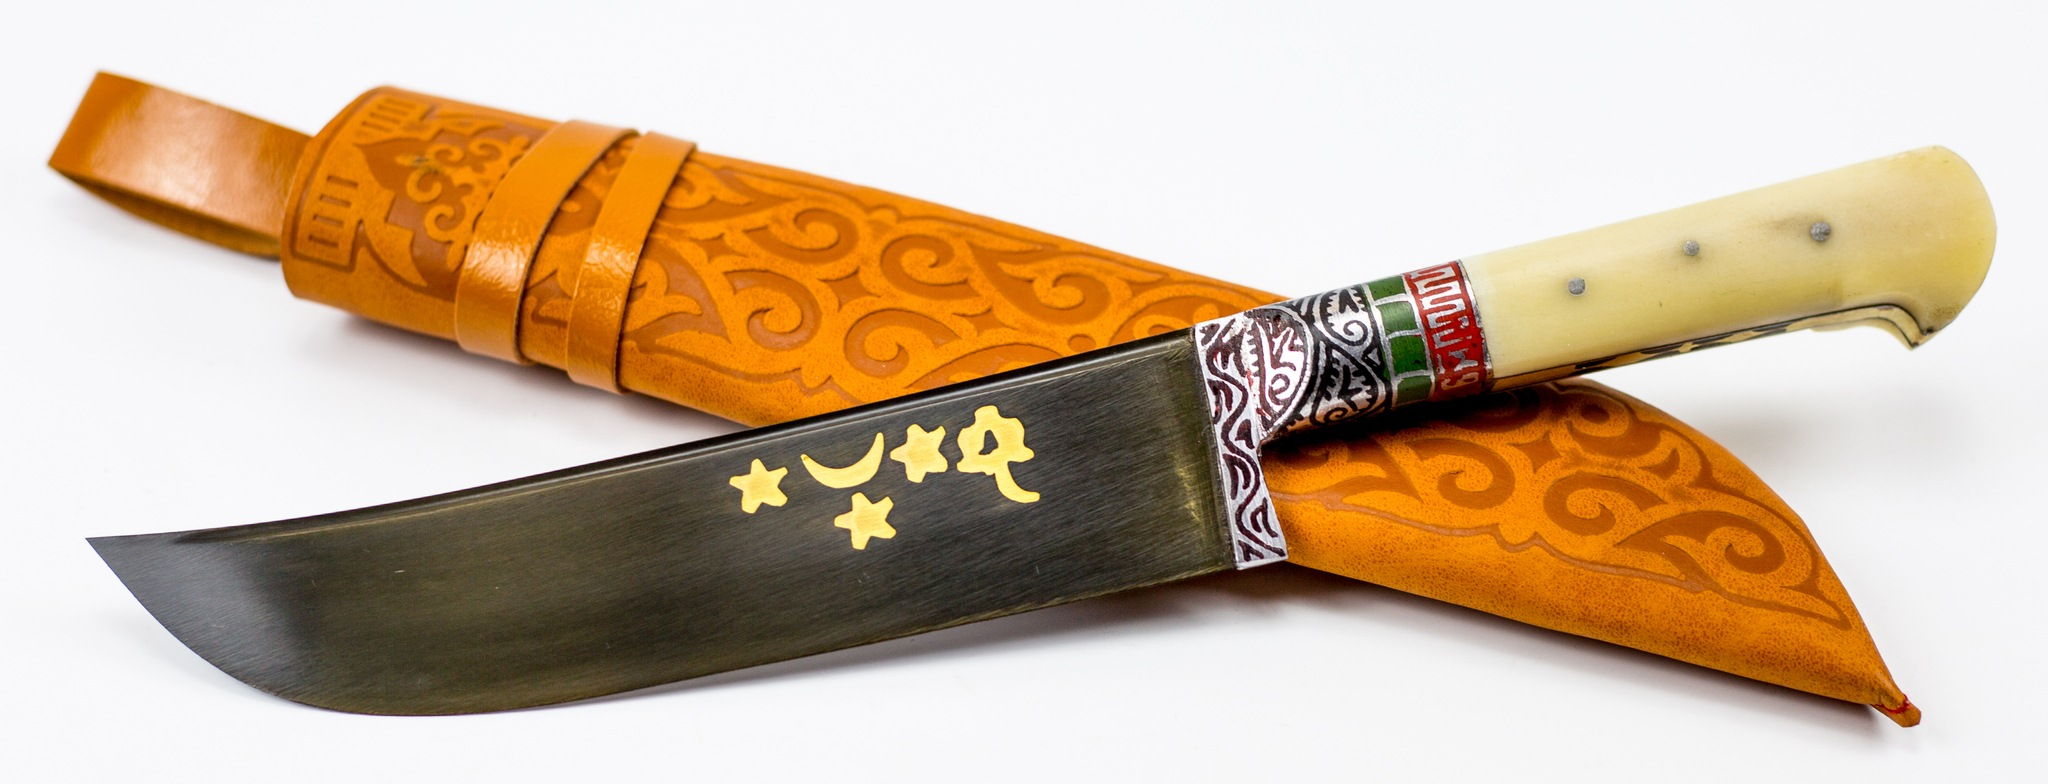 Узбекский нож пчак шархон